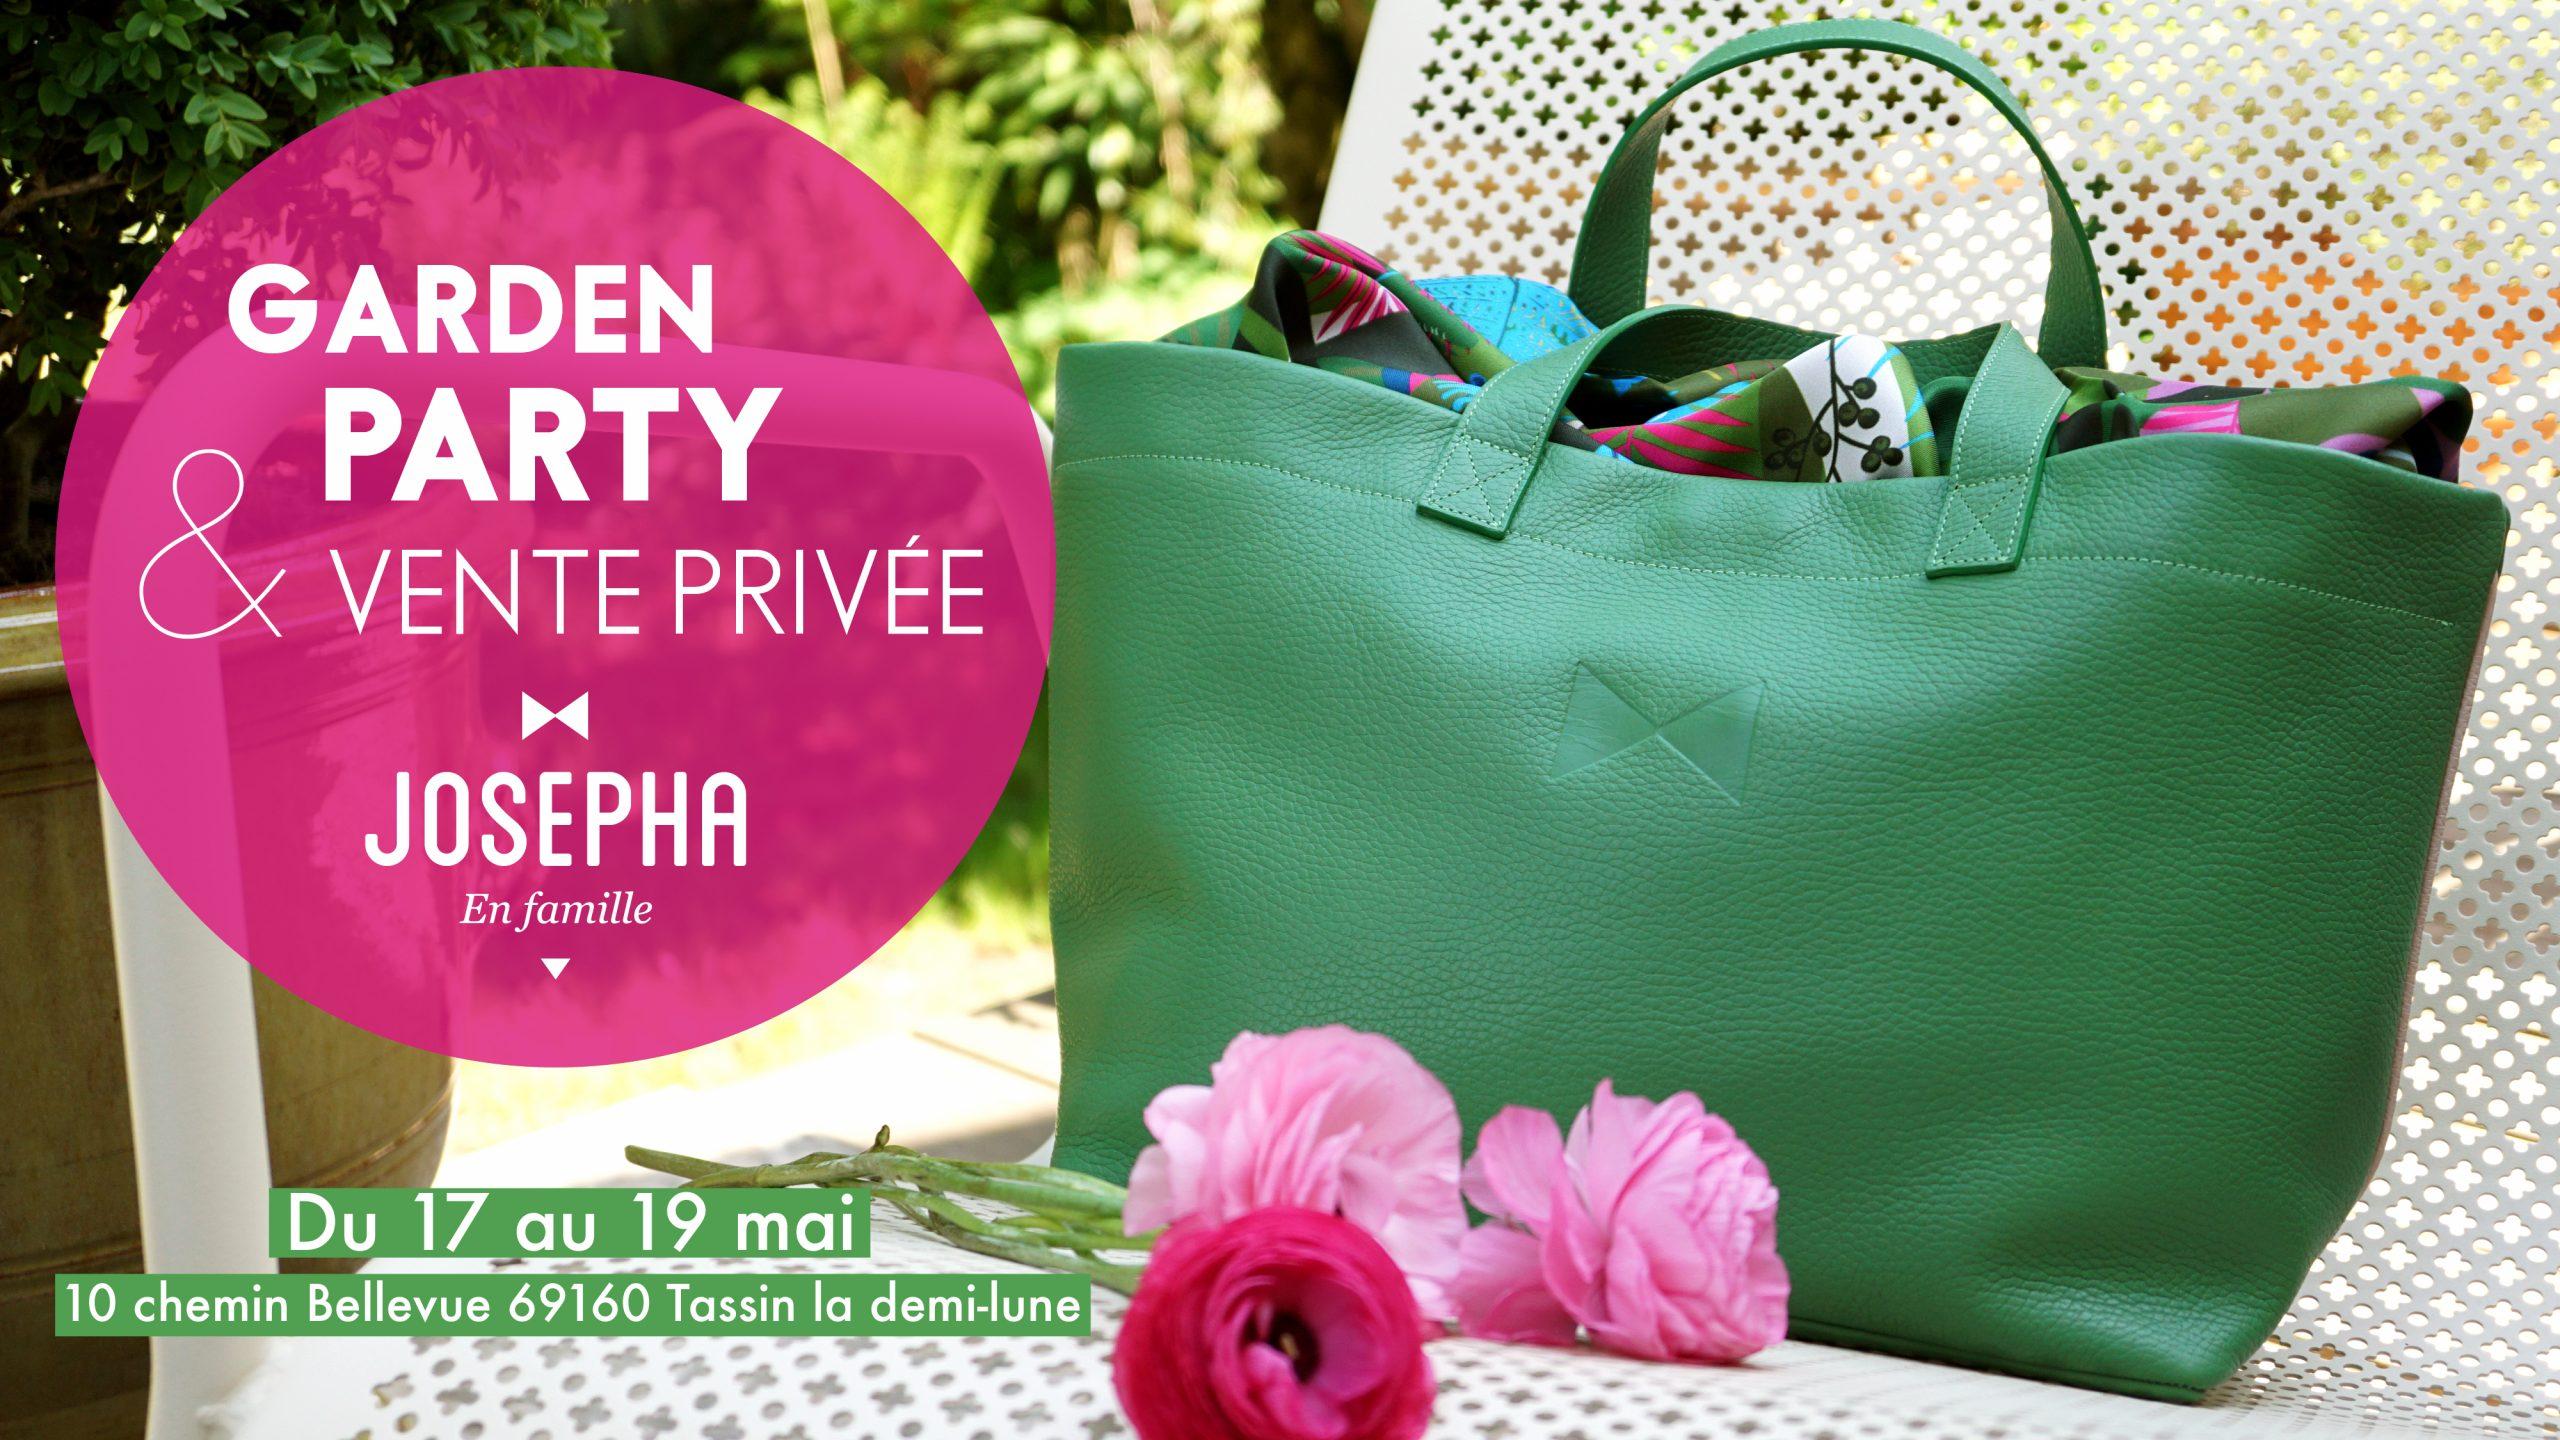 Garden Party Et Vente Privée Josepha En Famille – Josepha En ... intérieur Vente Privee Jardin